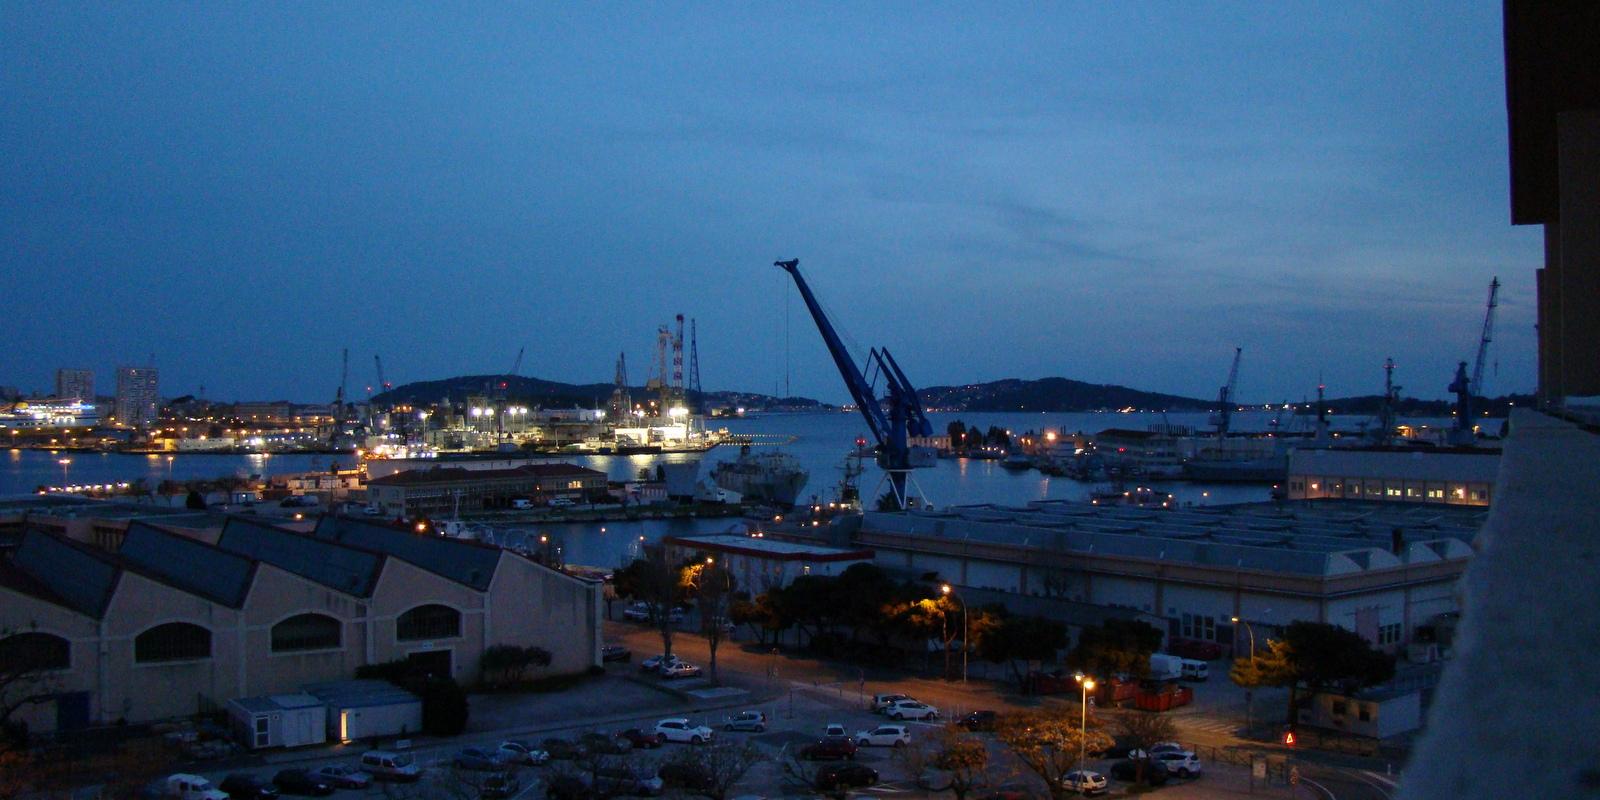 [Les Ports Militaires de Métropole] Visite de la rade de Toulon - Page 11 471779DSC05740001